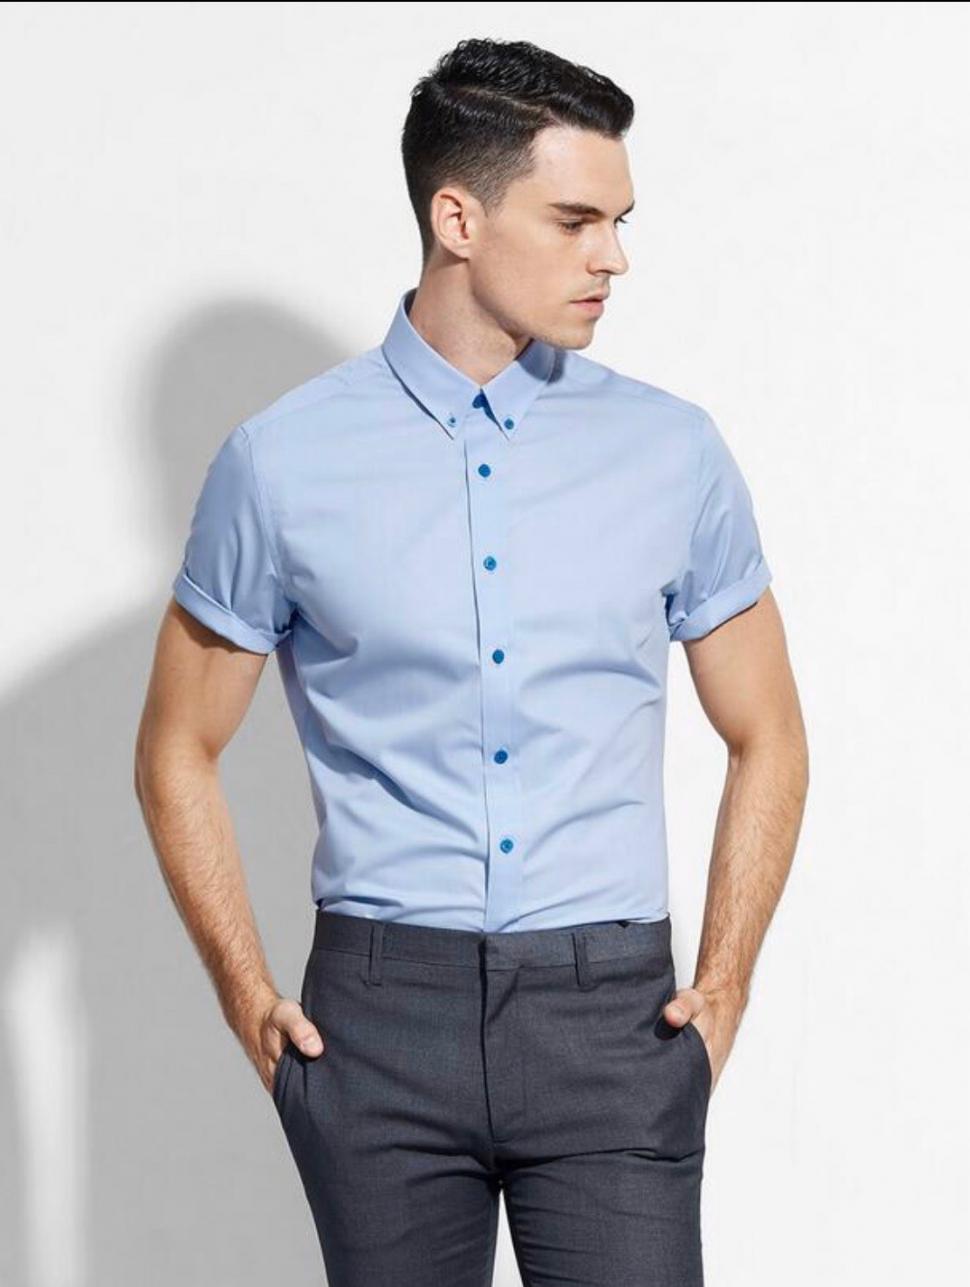 Đồng phục áo sơ mi tay ngắn màu xanh